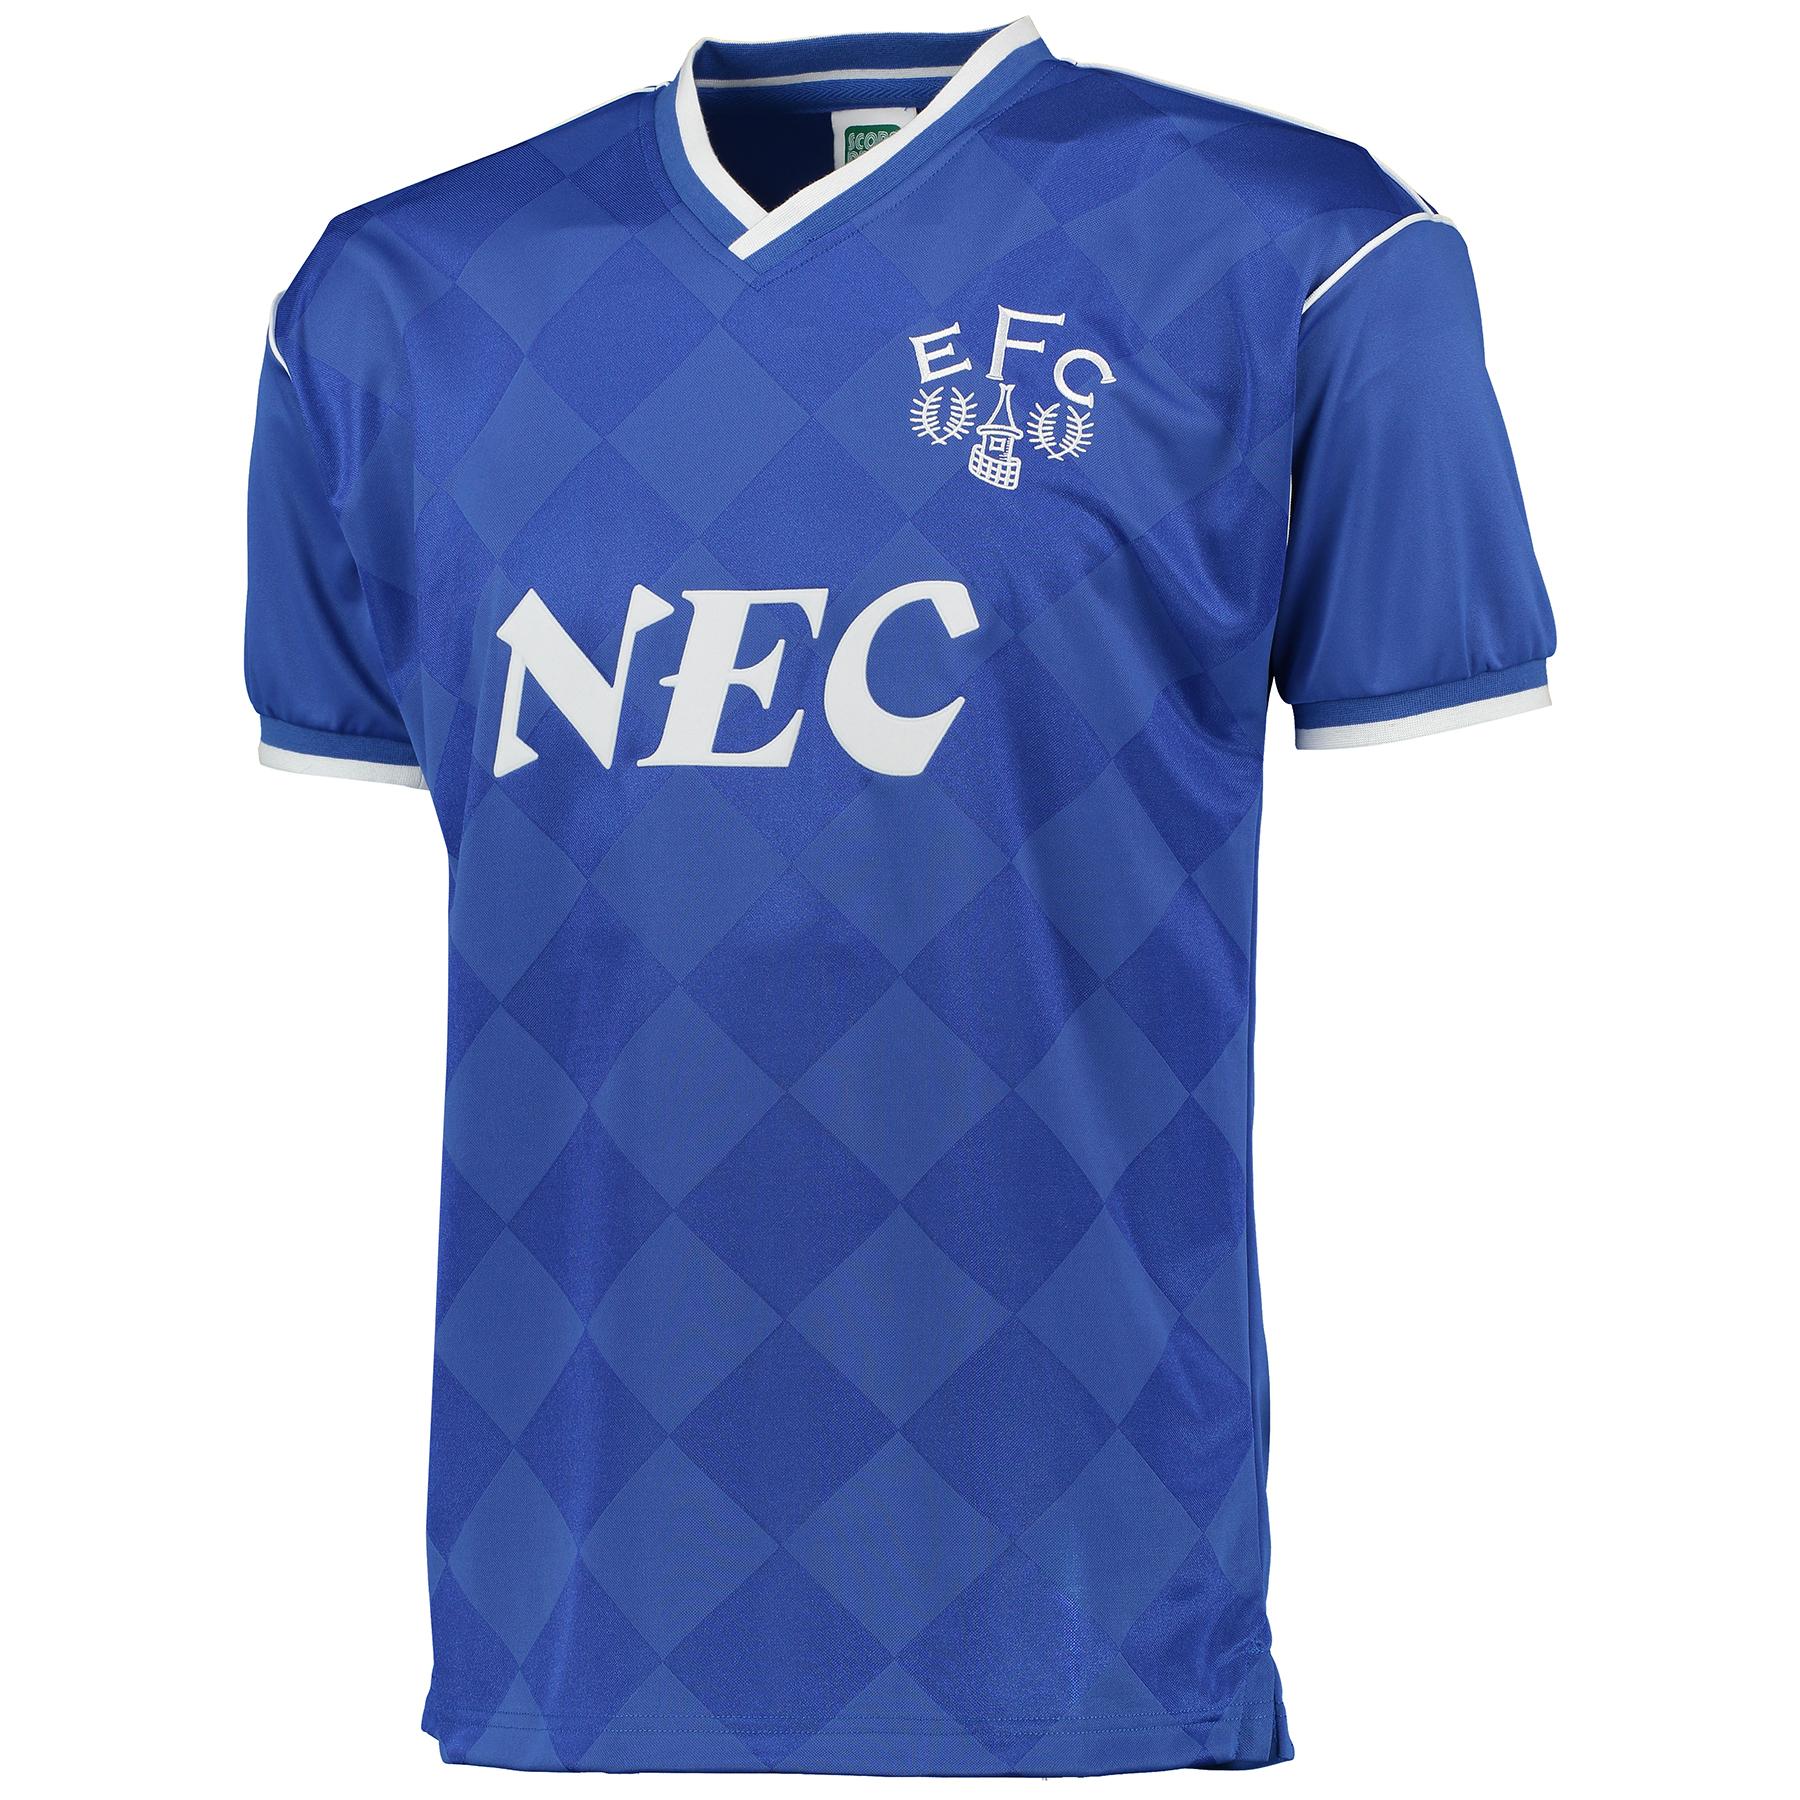 Everton 1987 League Champions Shirt - Blue